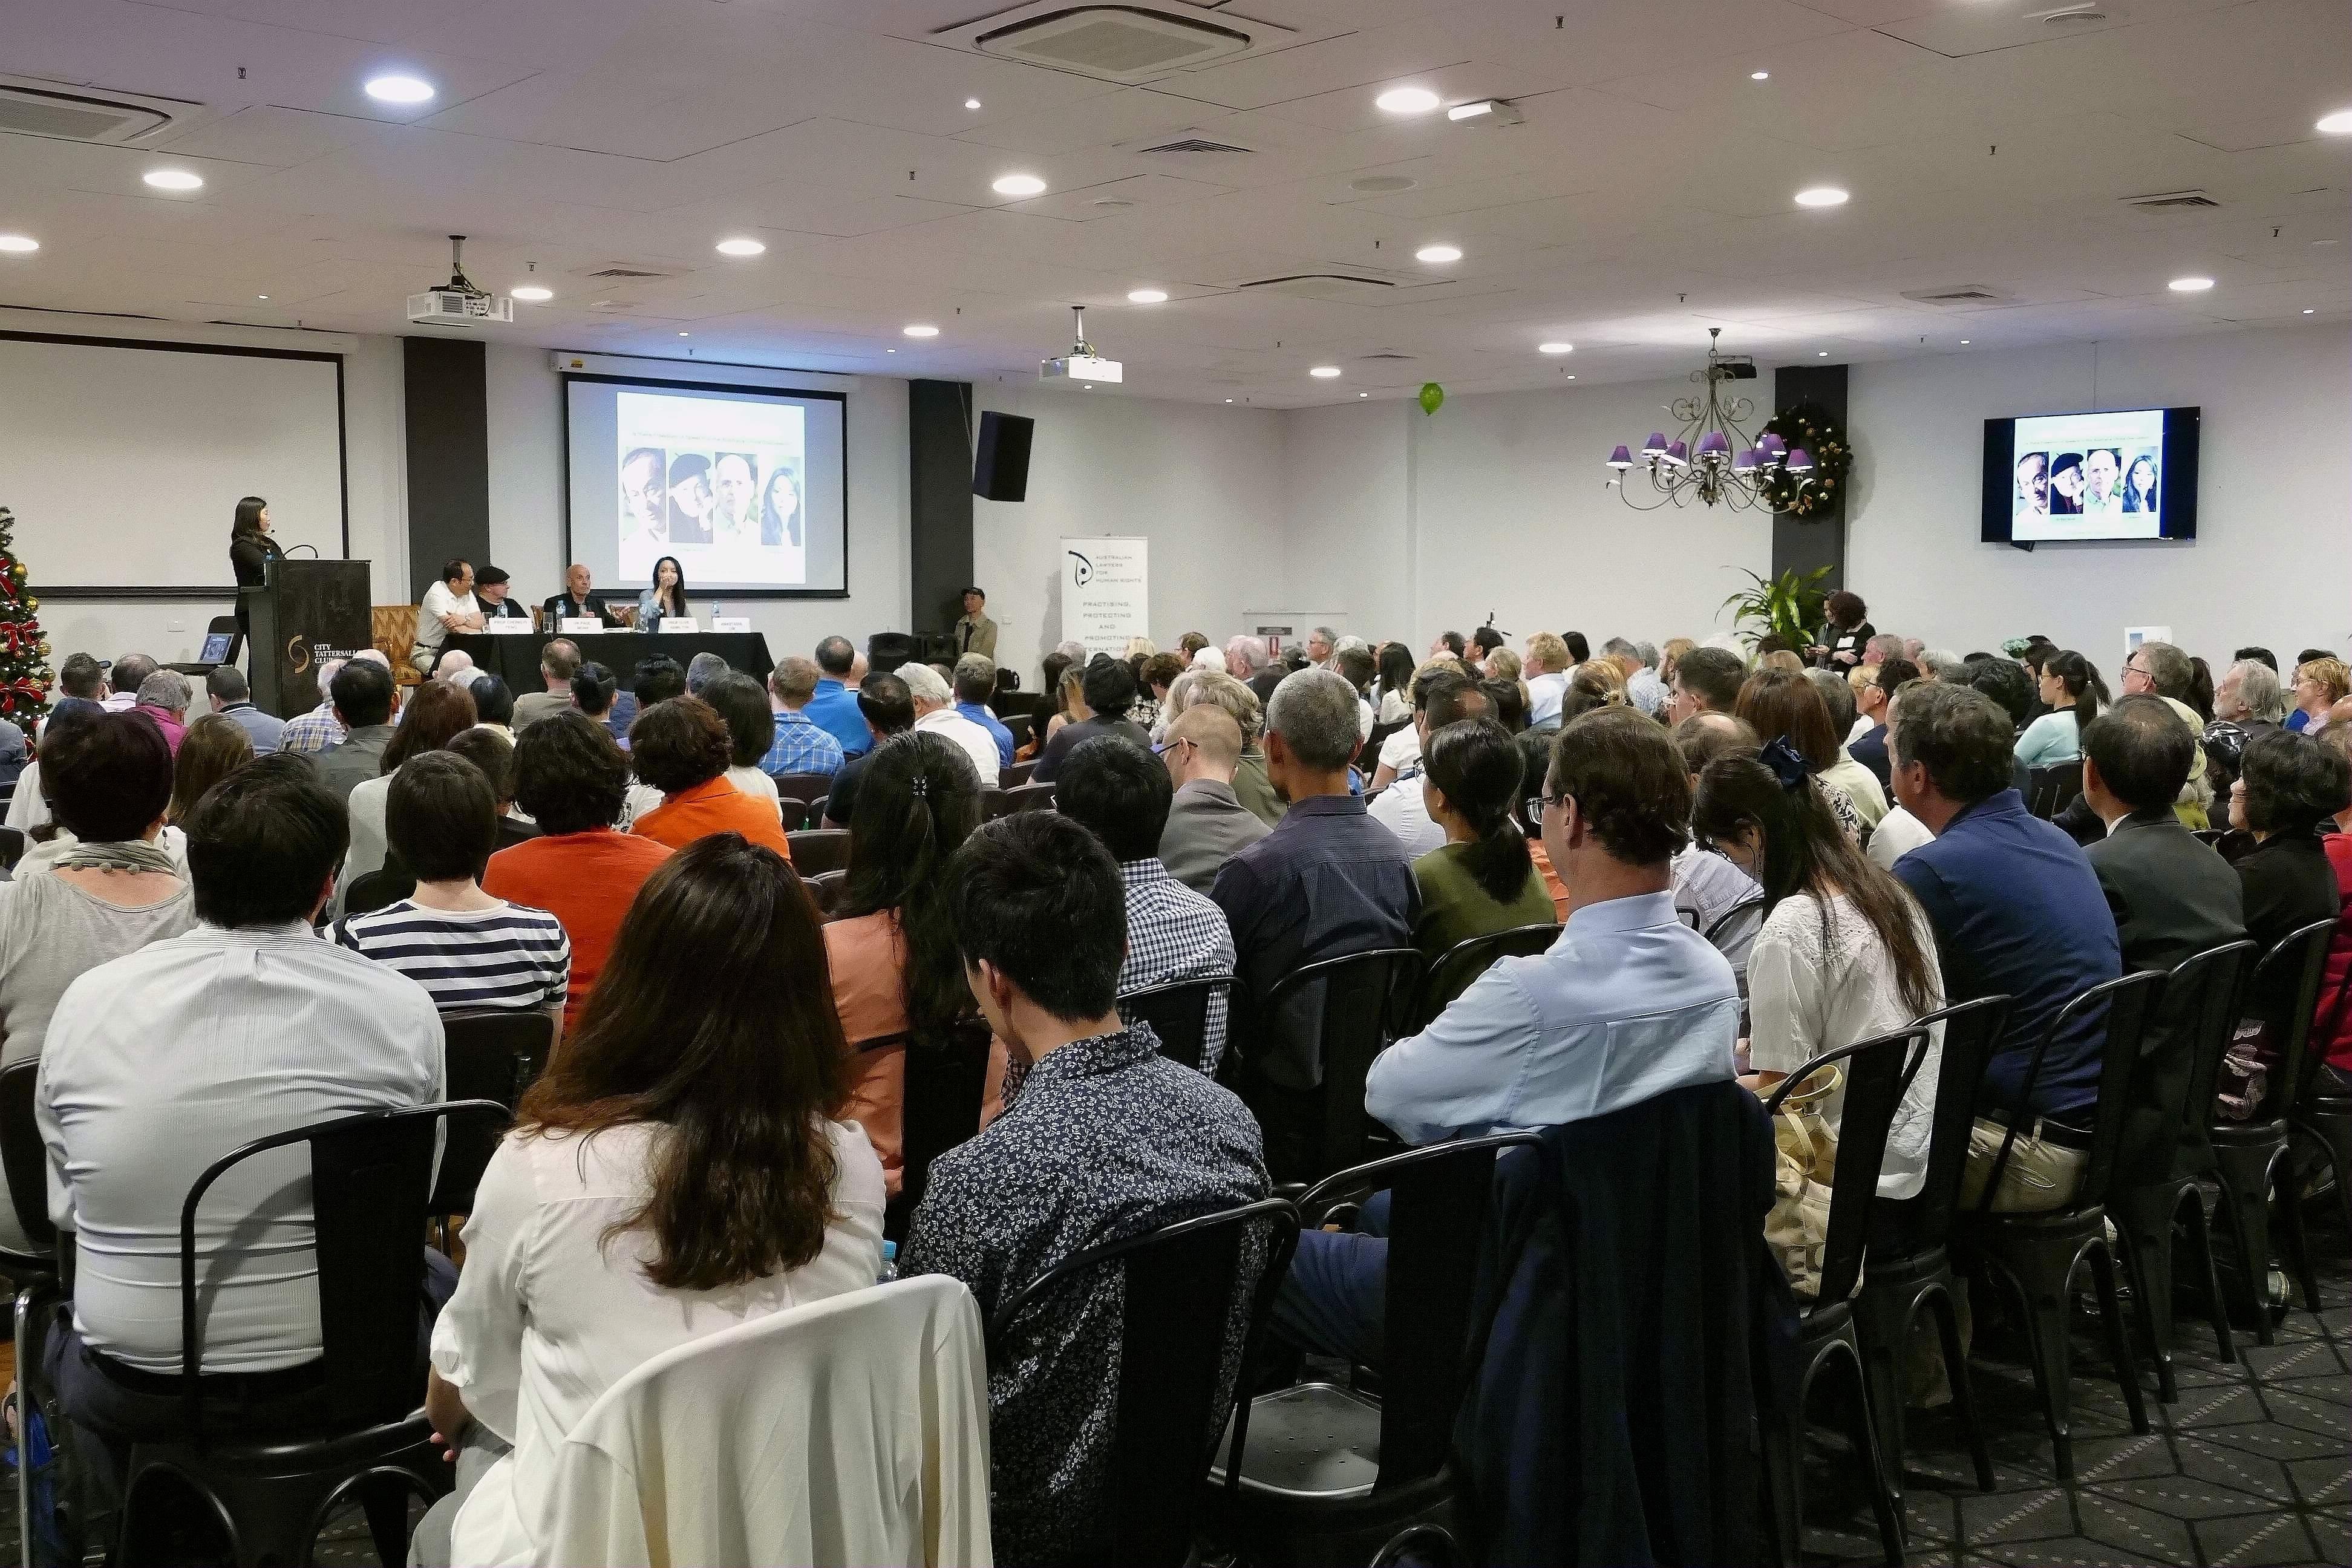 澳洲著名學者與加拿大人權活動家與悉尼主流民眾共同探討如何看待中國與中共,保護澳洲自由平等價值觀等問題。(安平雅/大紀元)